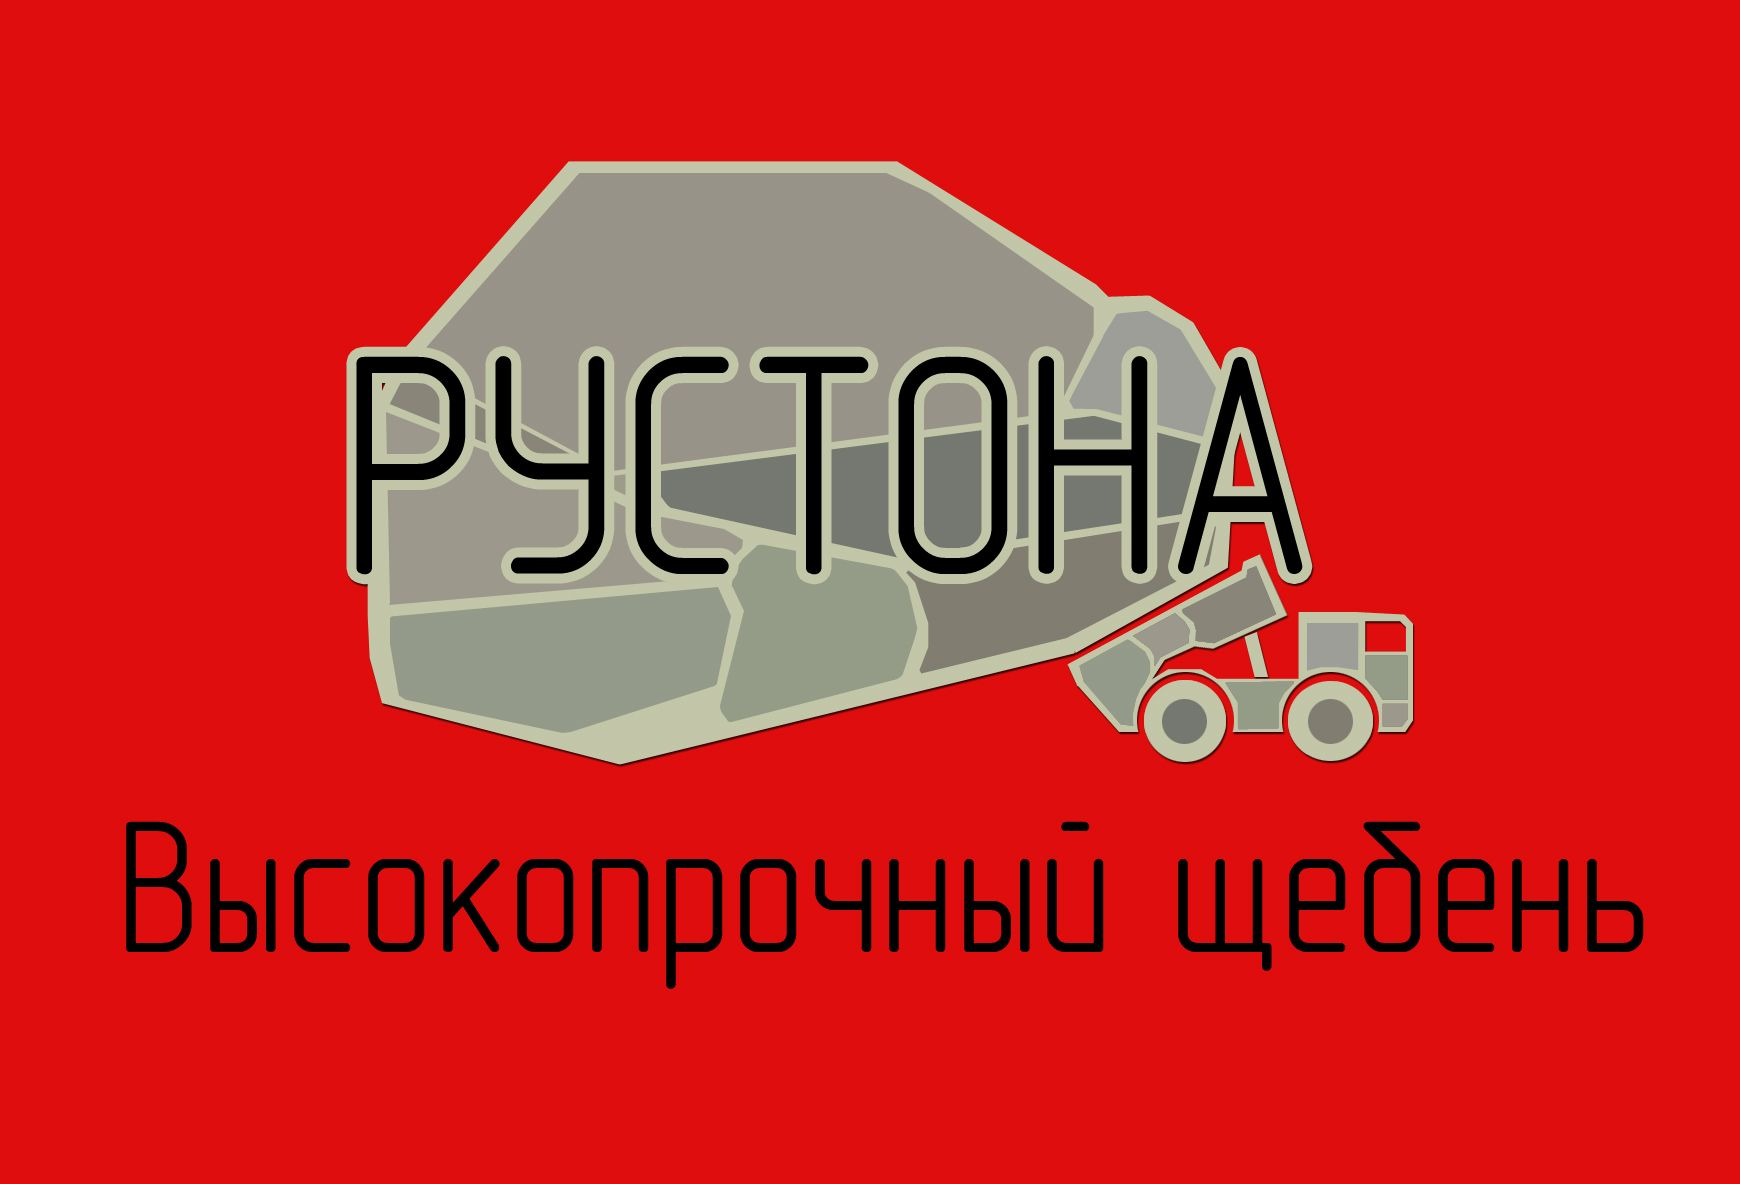 Логотип для компании Рустона (www.rustona.com) - дизайнер Disarming_Frost